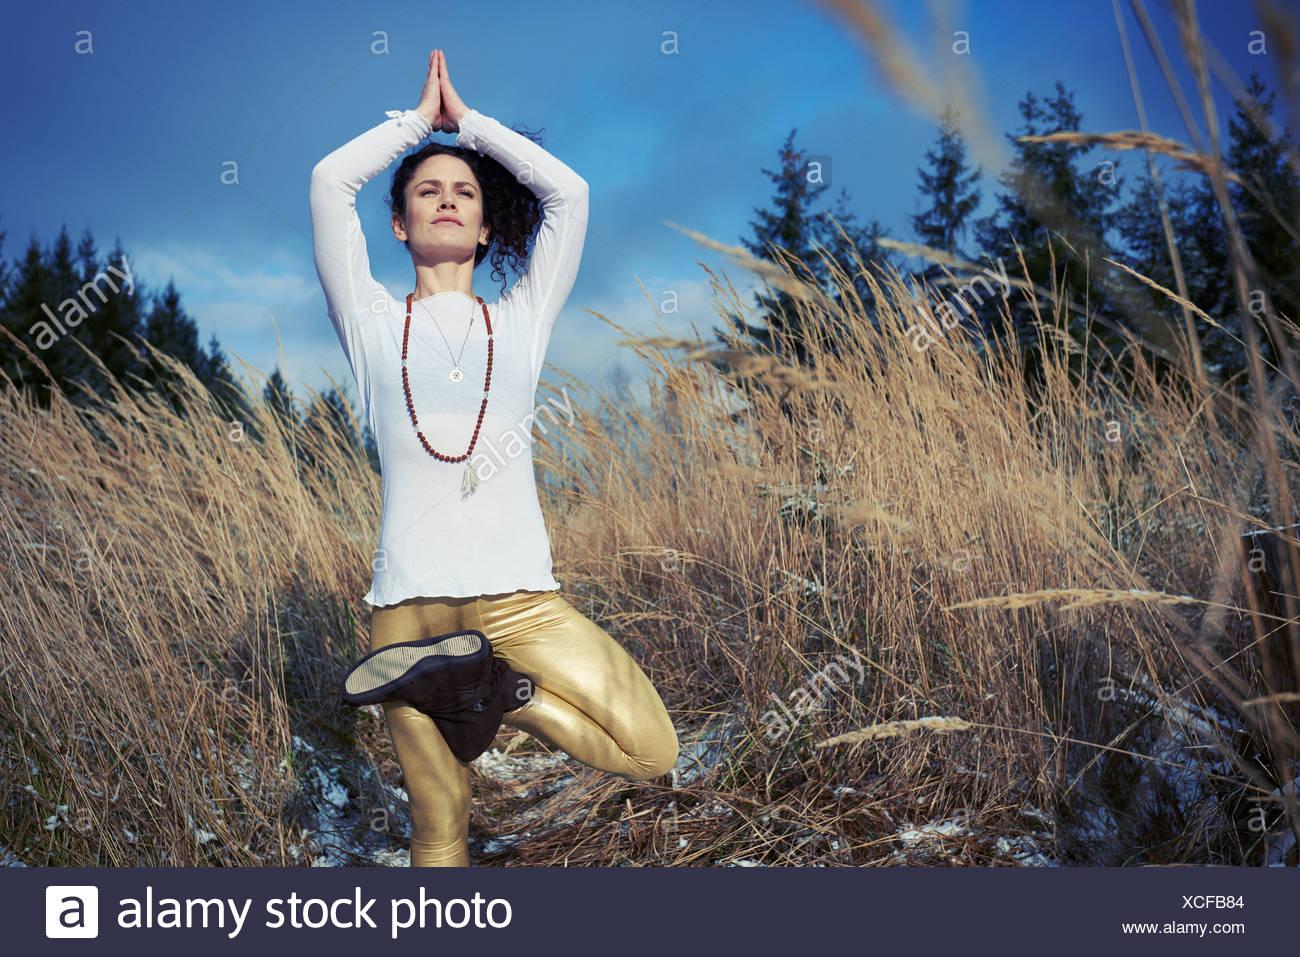 Mitte Erwachsene Frau stehenden Baum-Yoga-Pose im Wald zu tun Stockbild